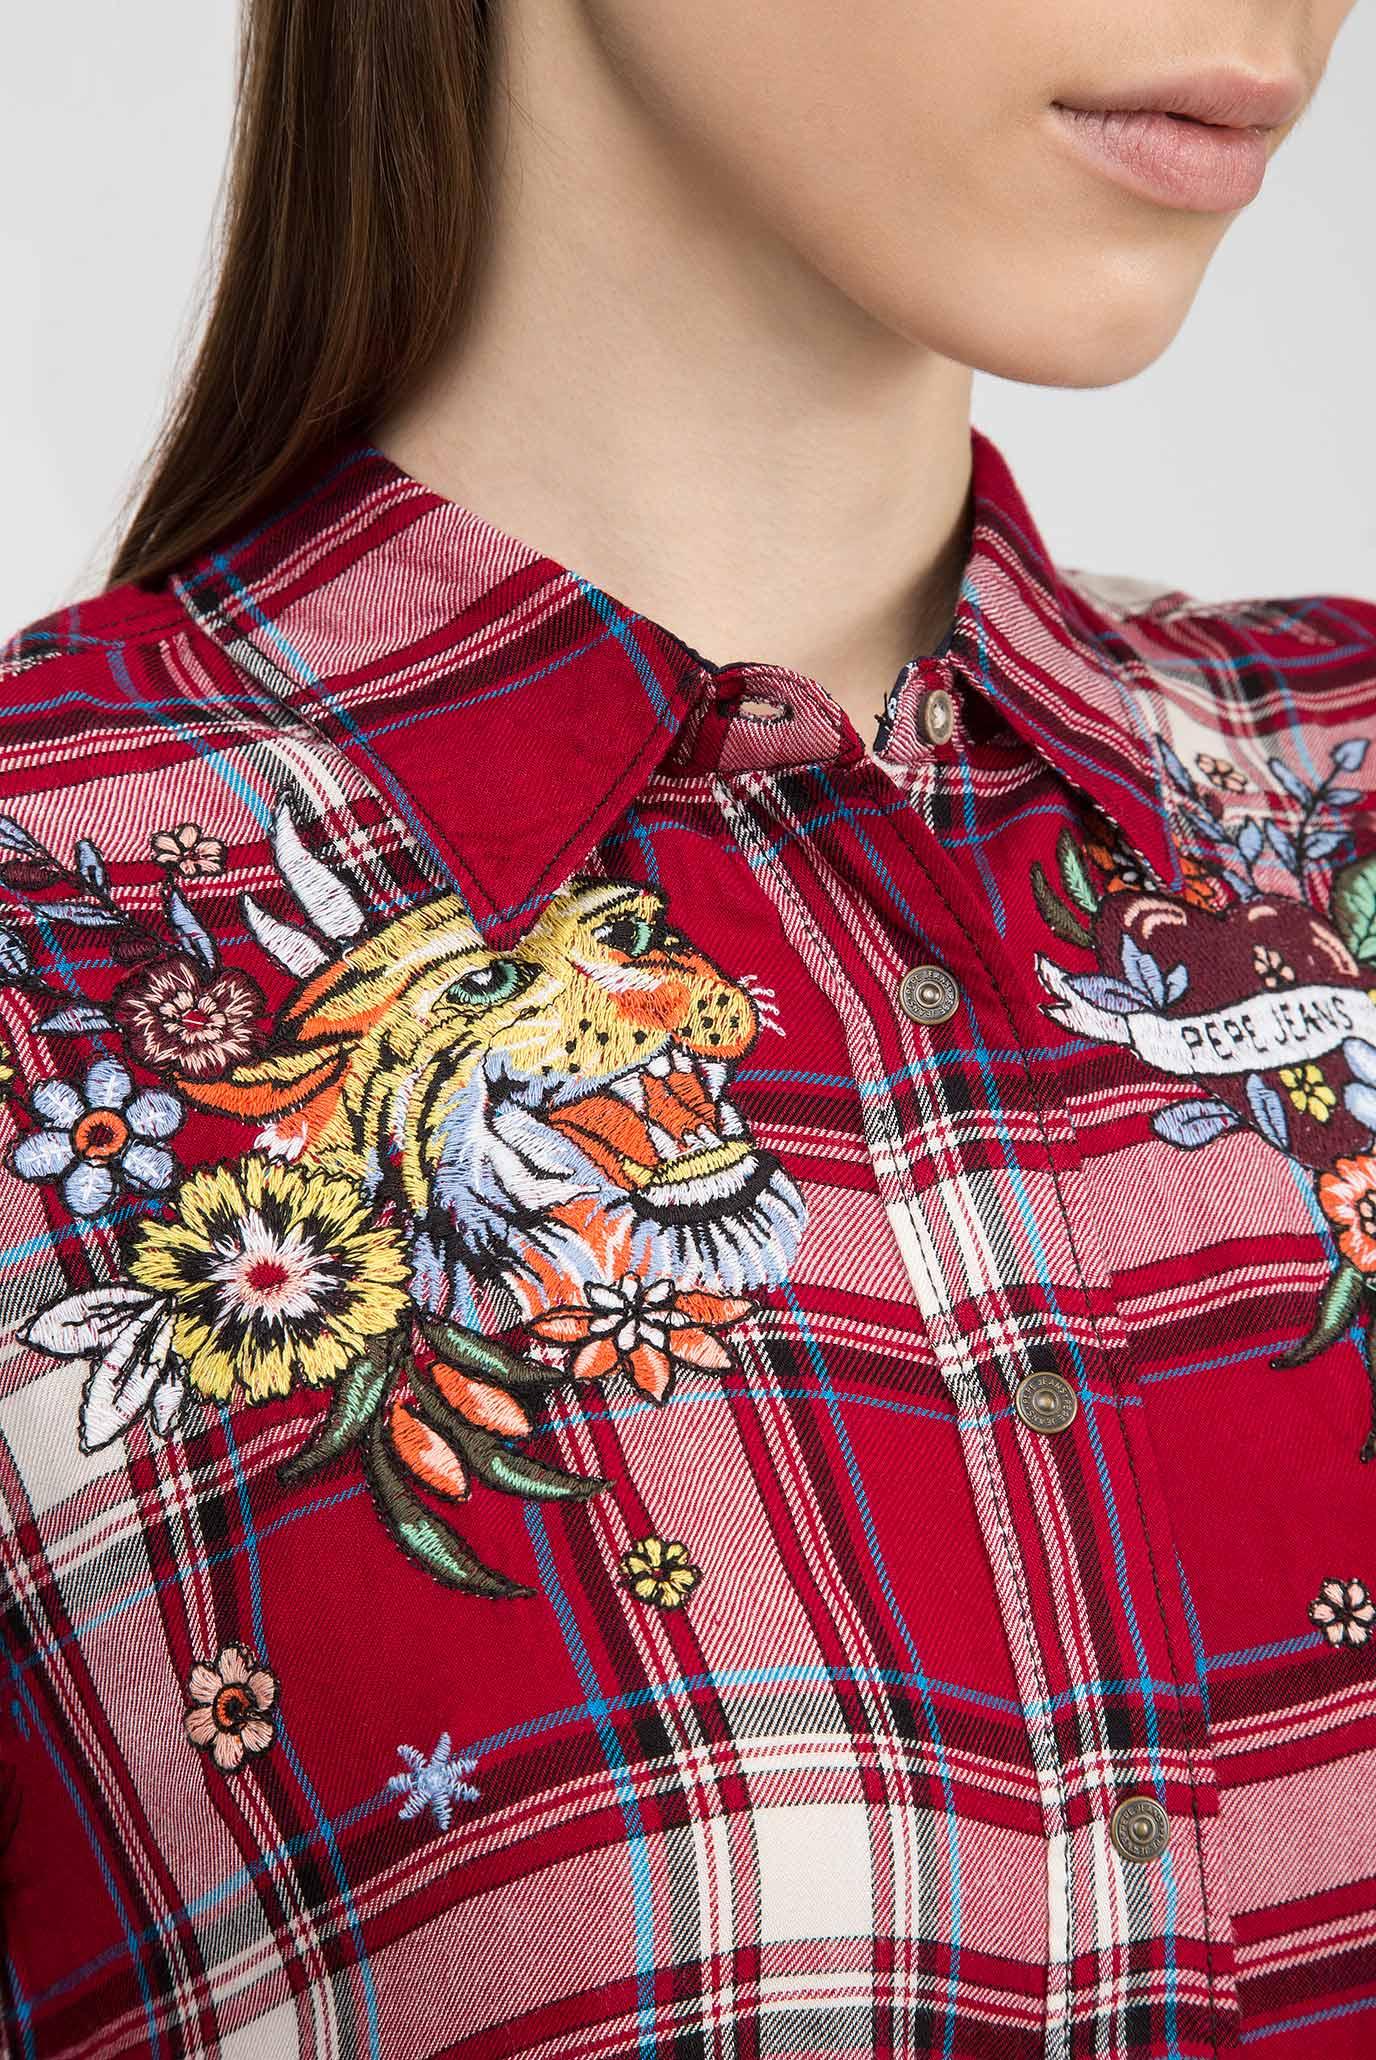 Купить Женская красная рубашка в клетку FIORA Pepe Jeans Pepe Jeans PL303128 – Киев, Украина. Цены в интернет магазине MD Fashion